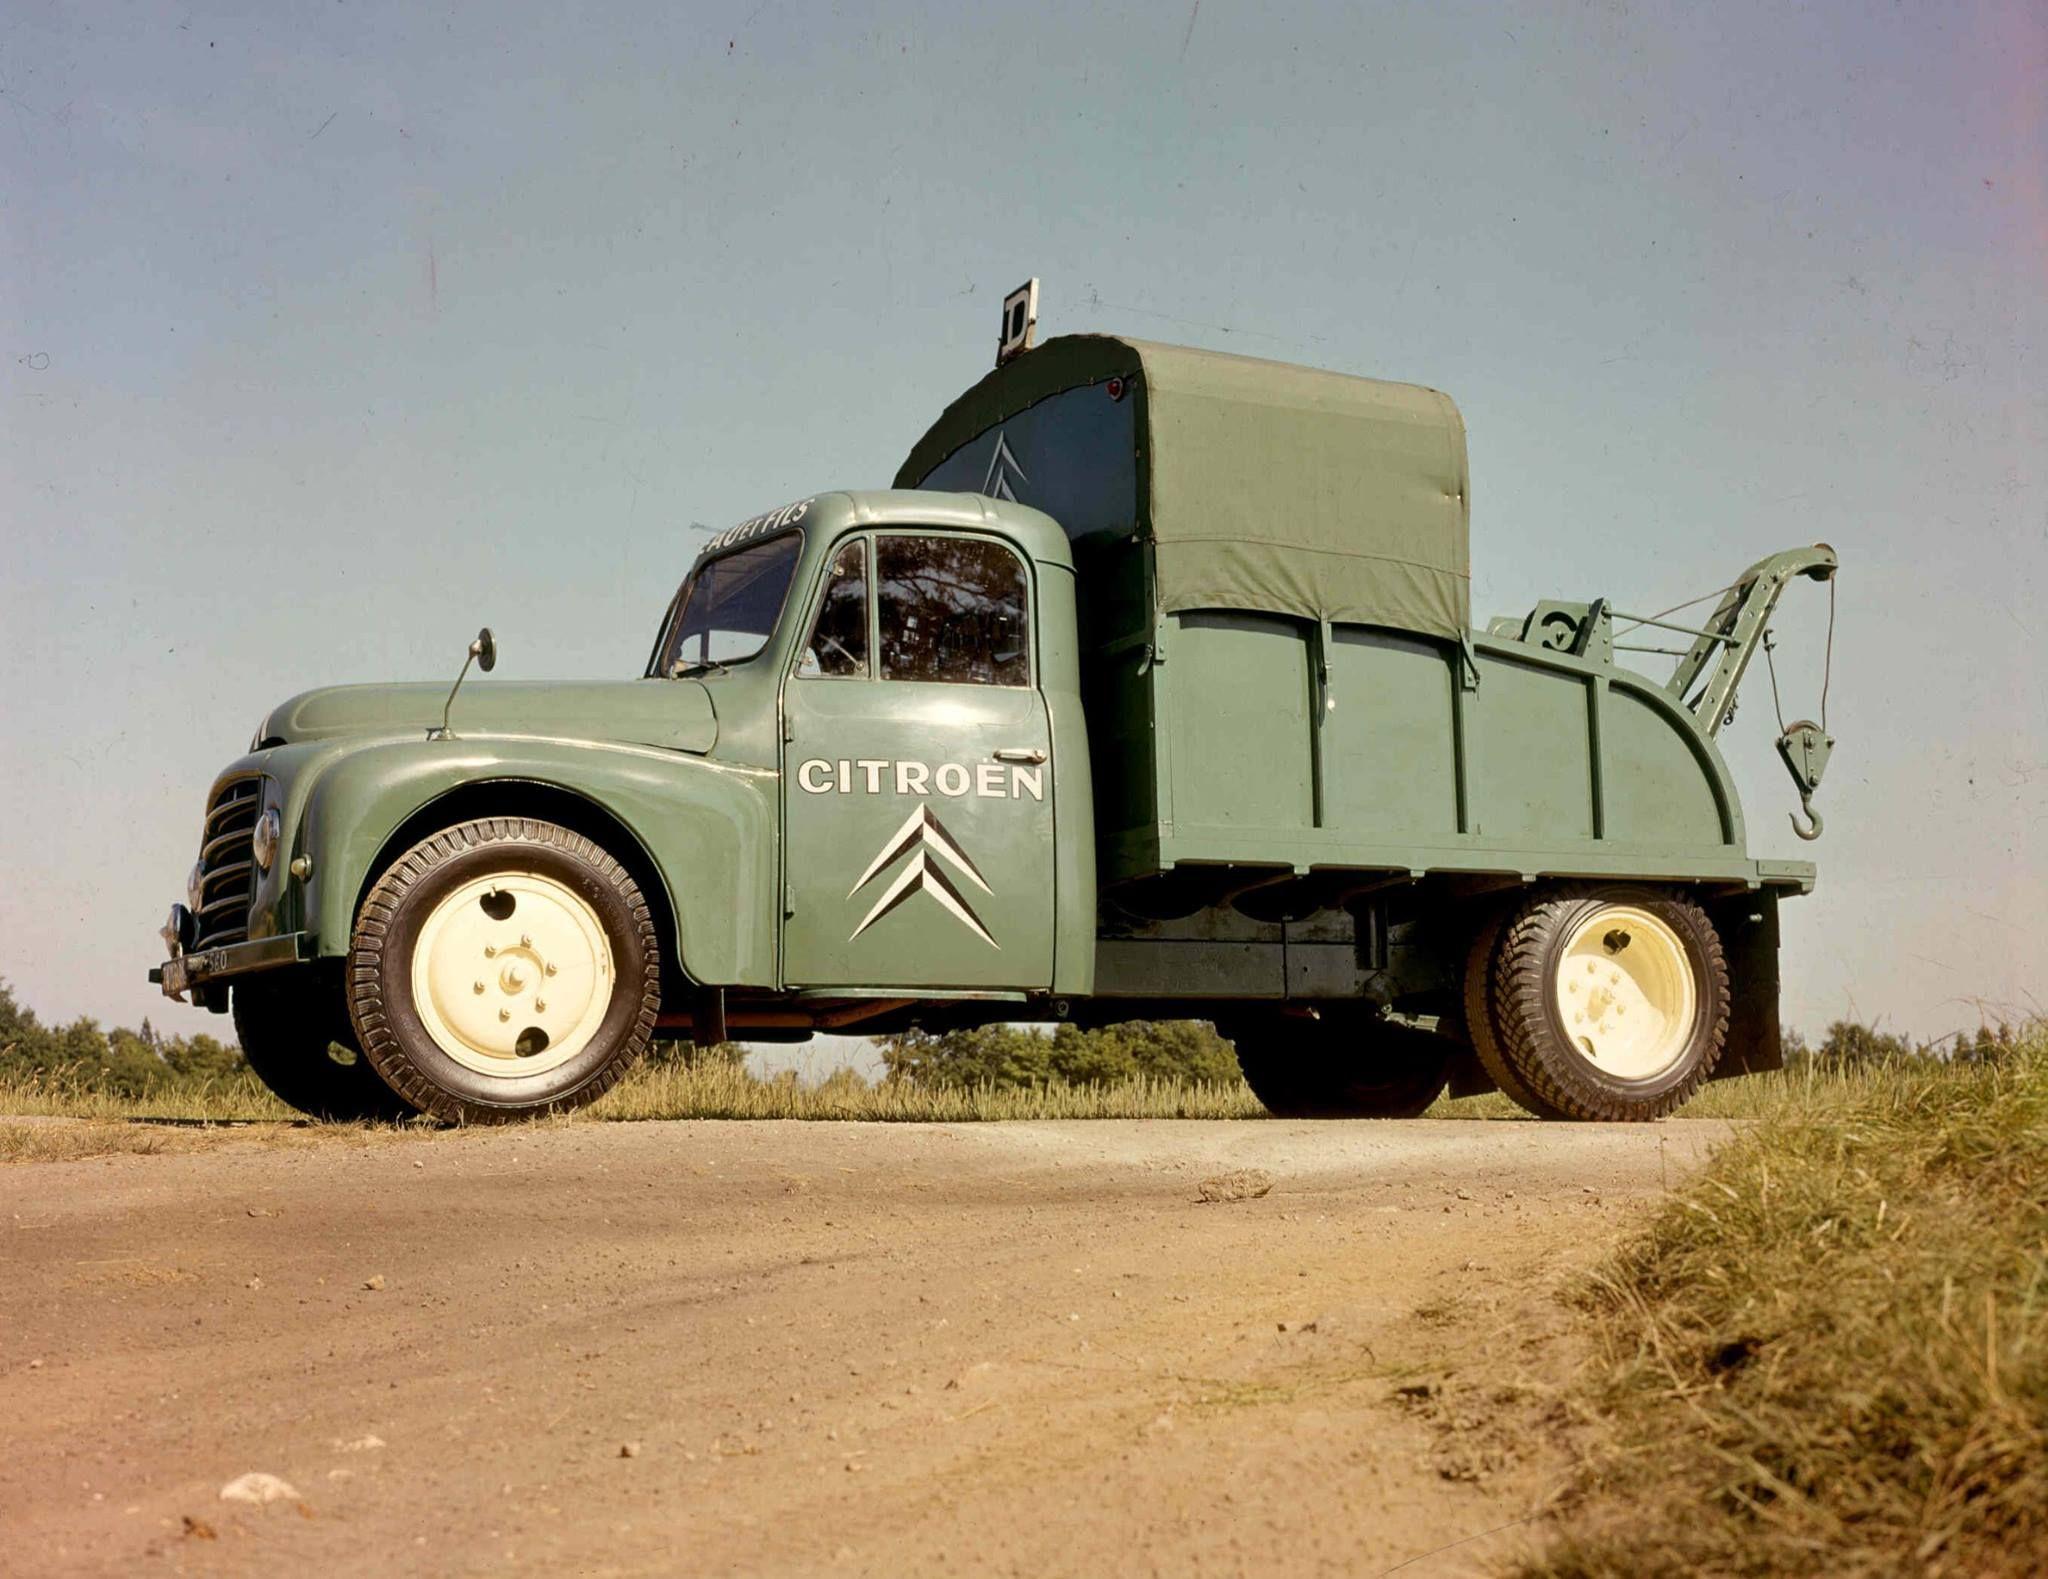 depanneuse citroen camion de depannage pinterest. Black Bedroom Furniture Sets. Home Design Ideas